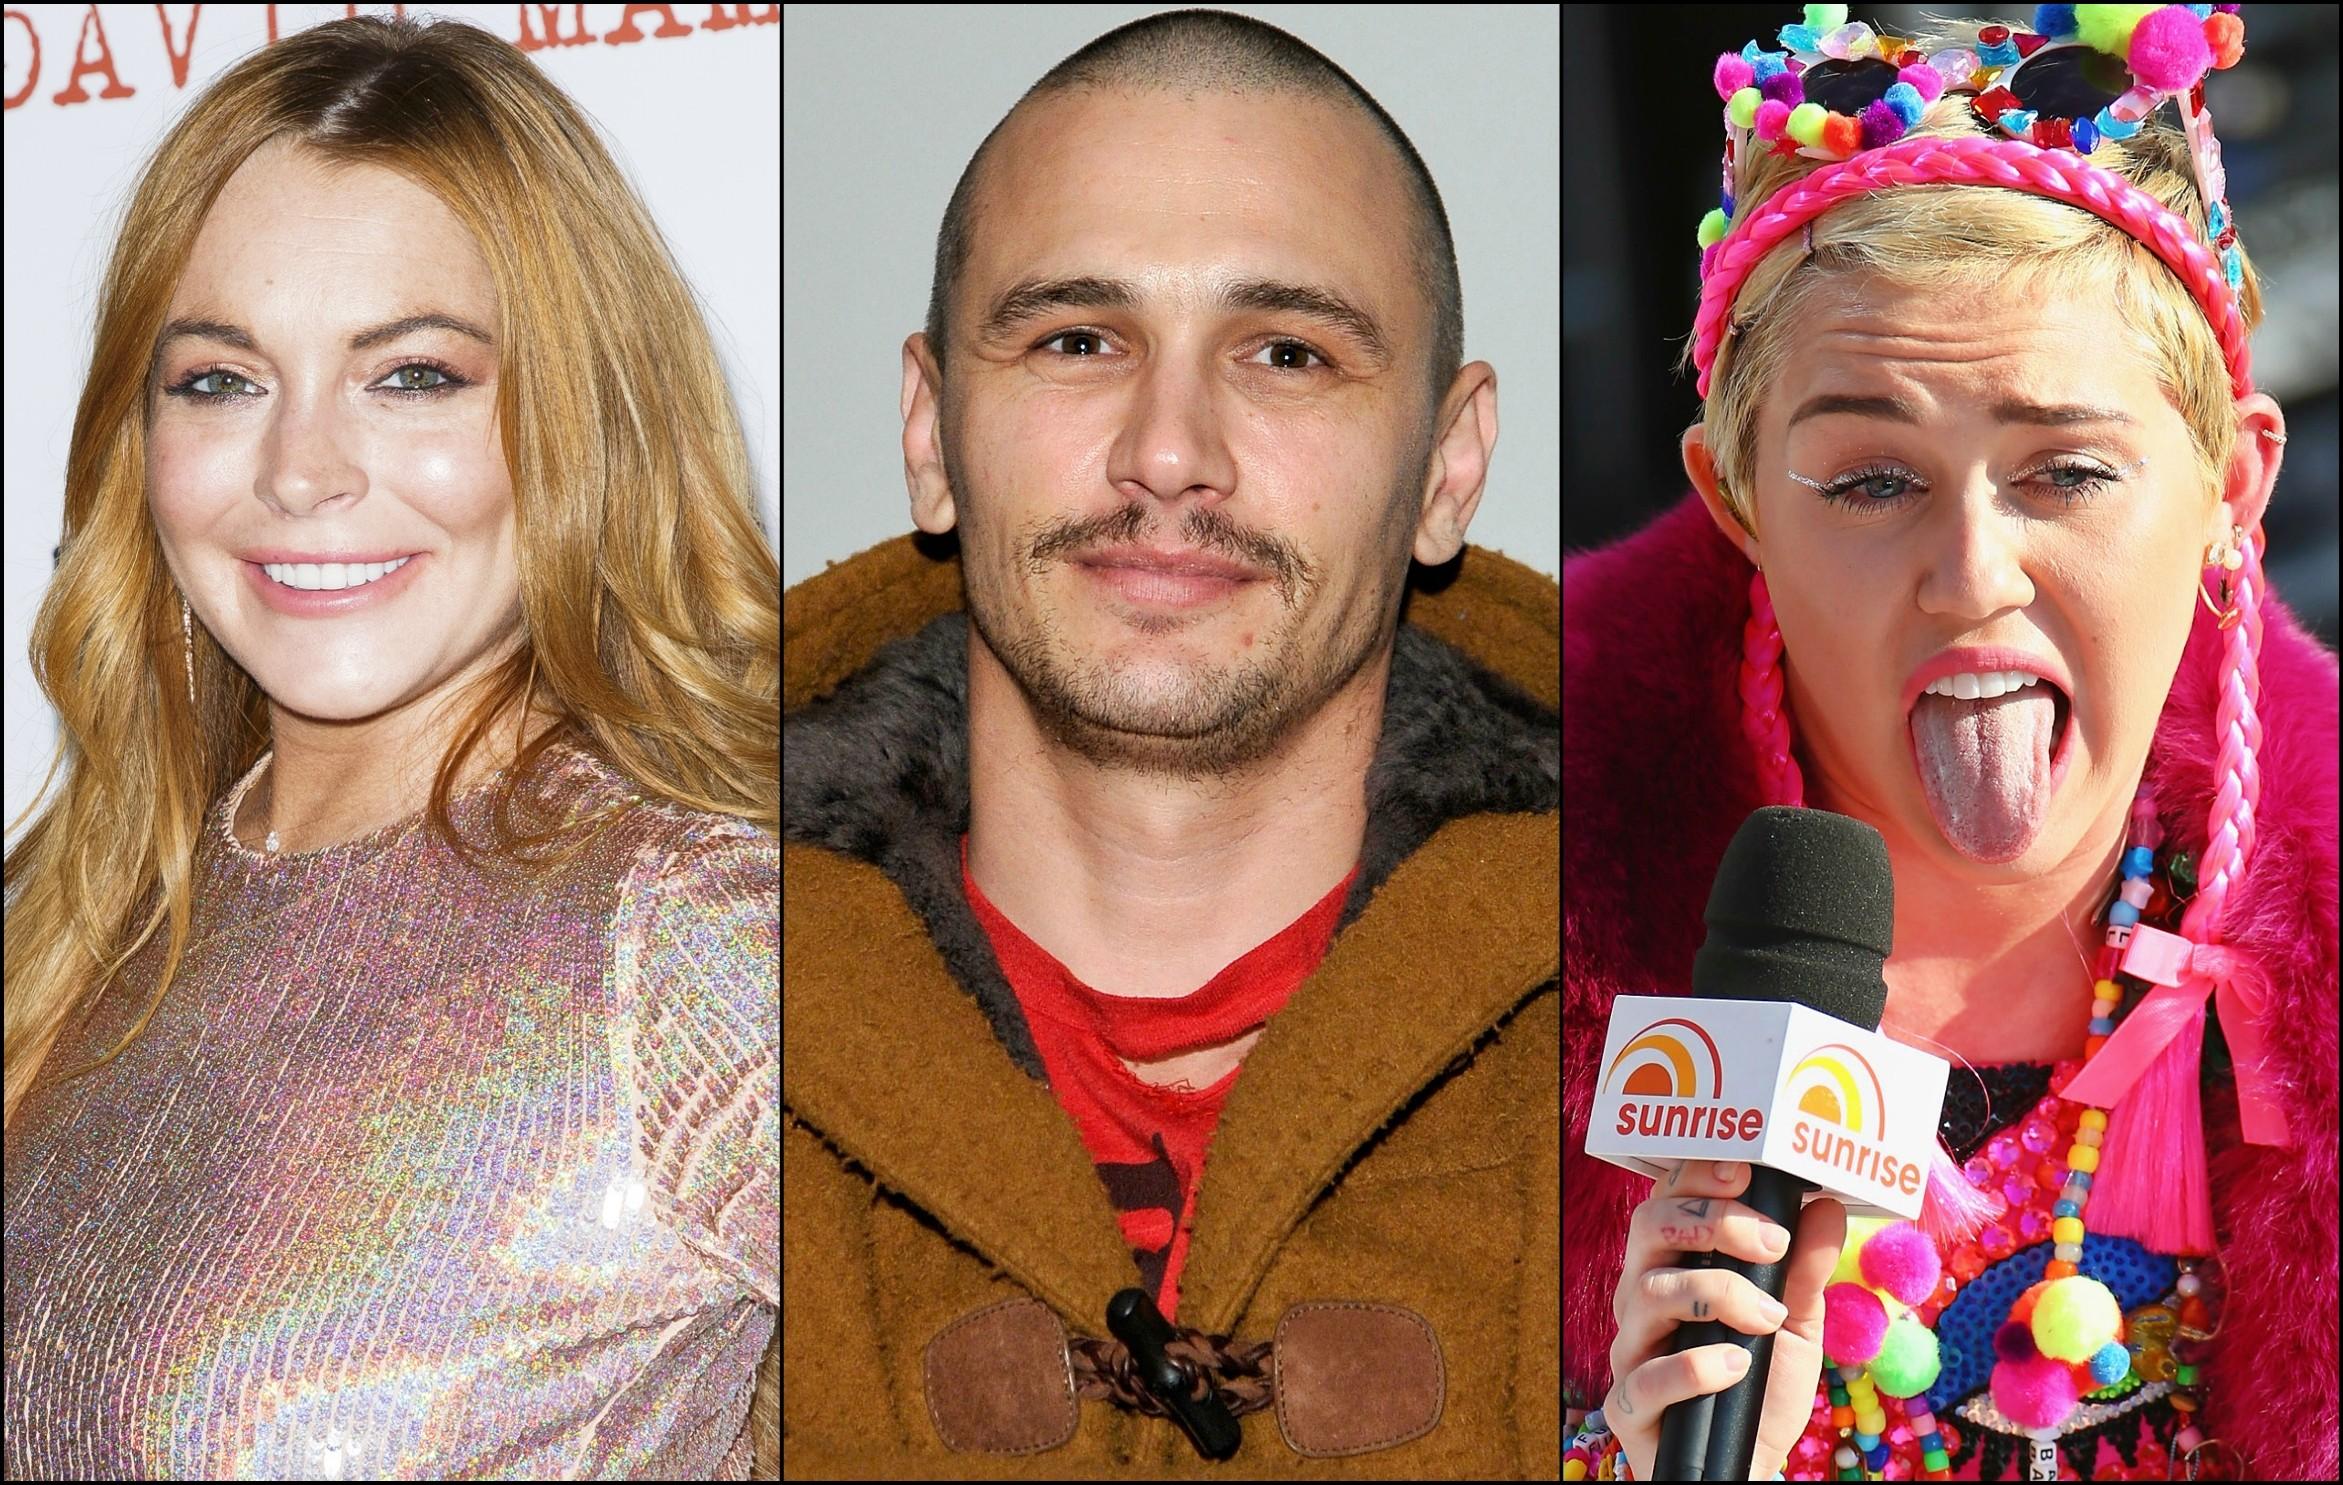 LiLo, James Franco e Miley: sóbrios ou não? (Foto: Getty Images)